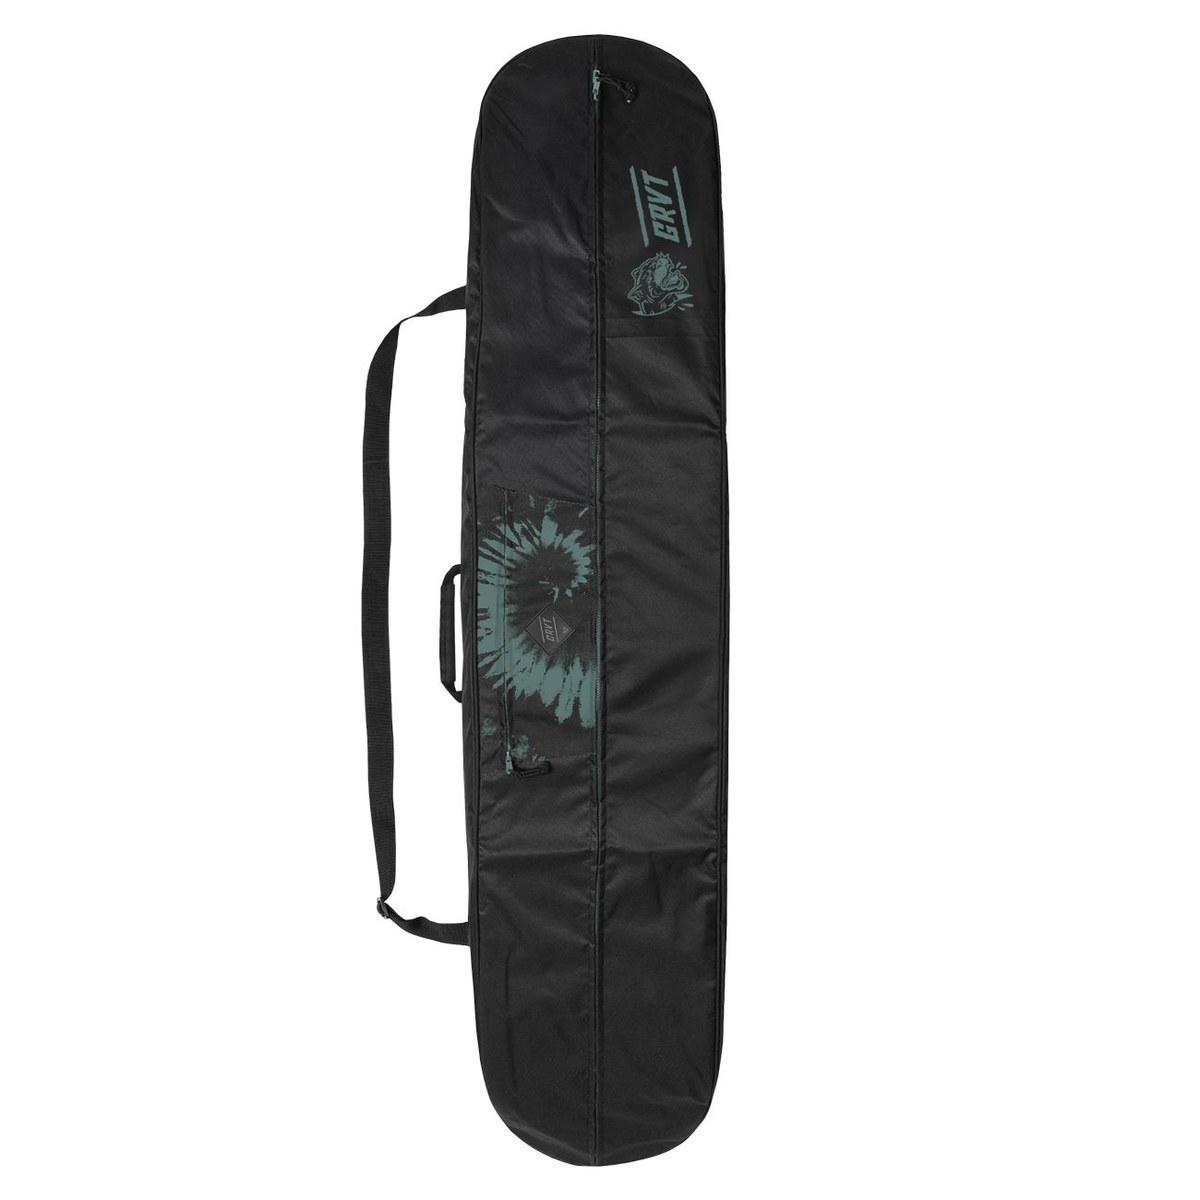 Obal na snowboard Gravity Sheriff 18/19 175 cm